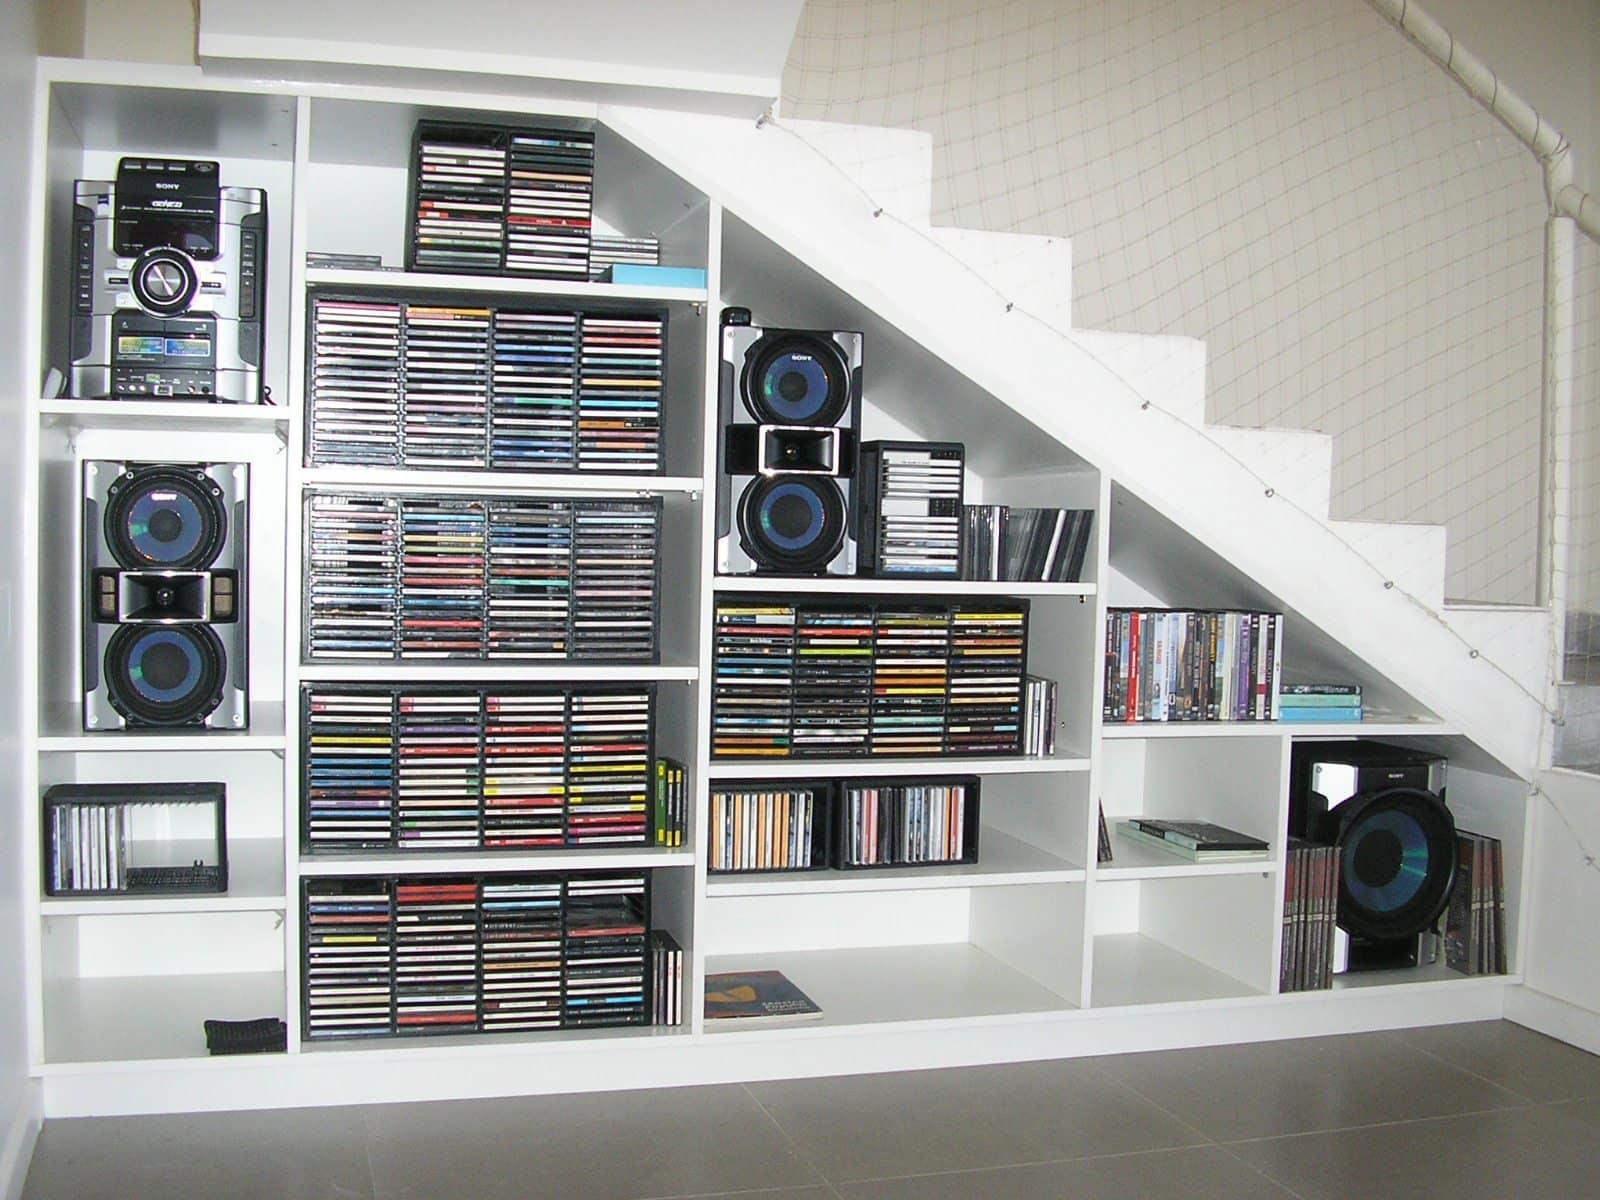 Baños Debajo Hueco Escalera:Ideas para aprovechar el hueco bajo las escaleras